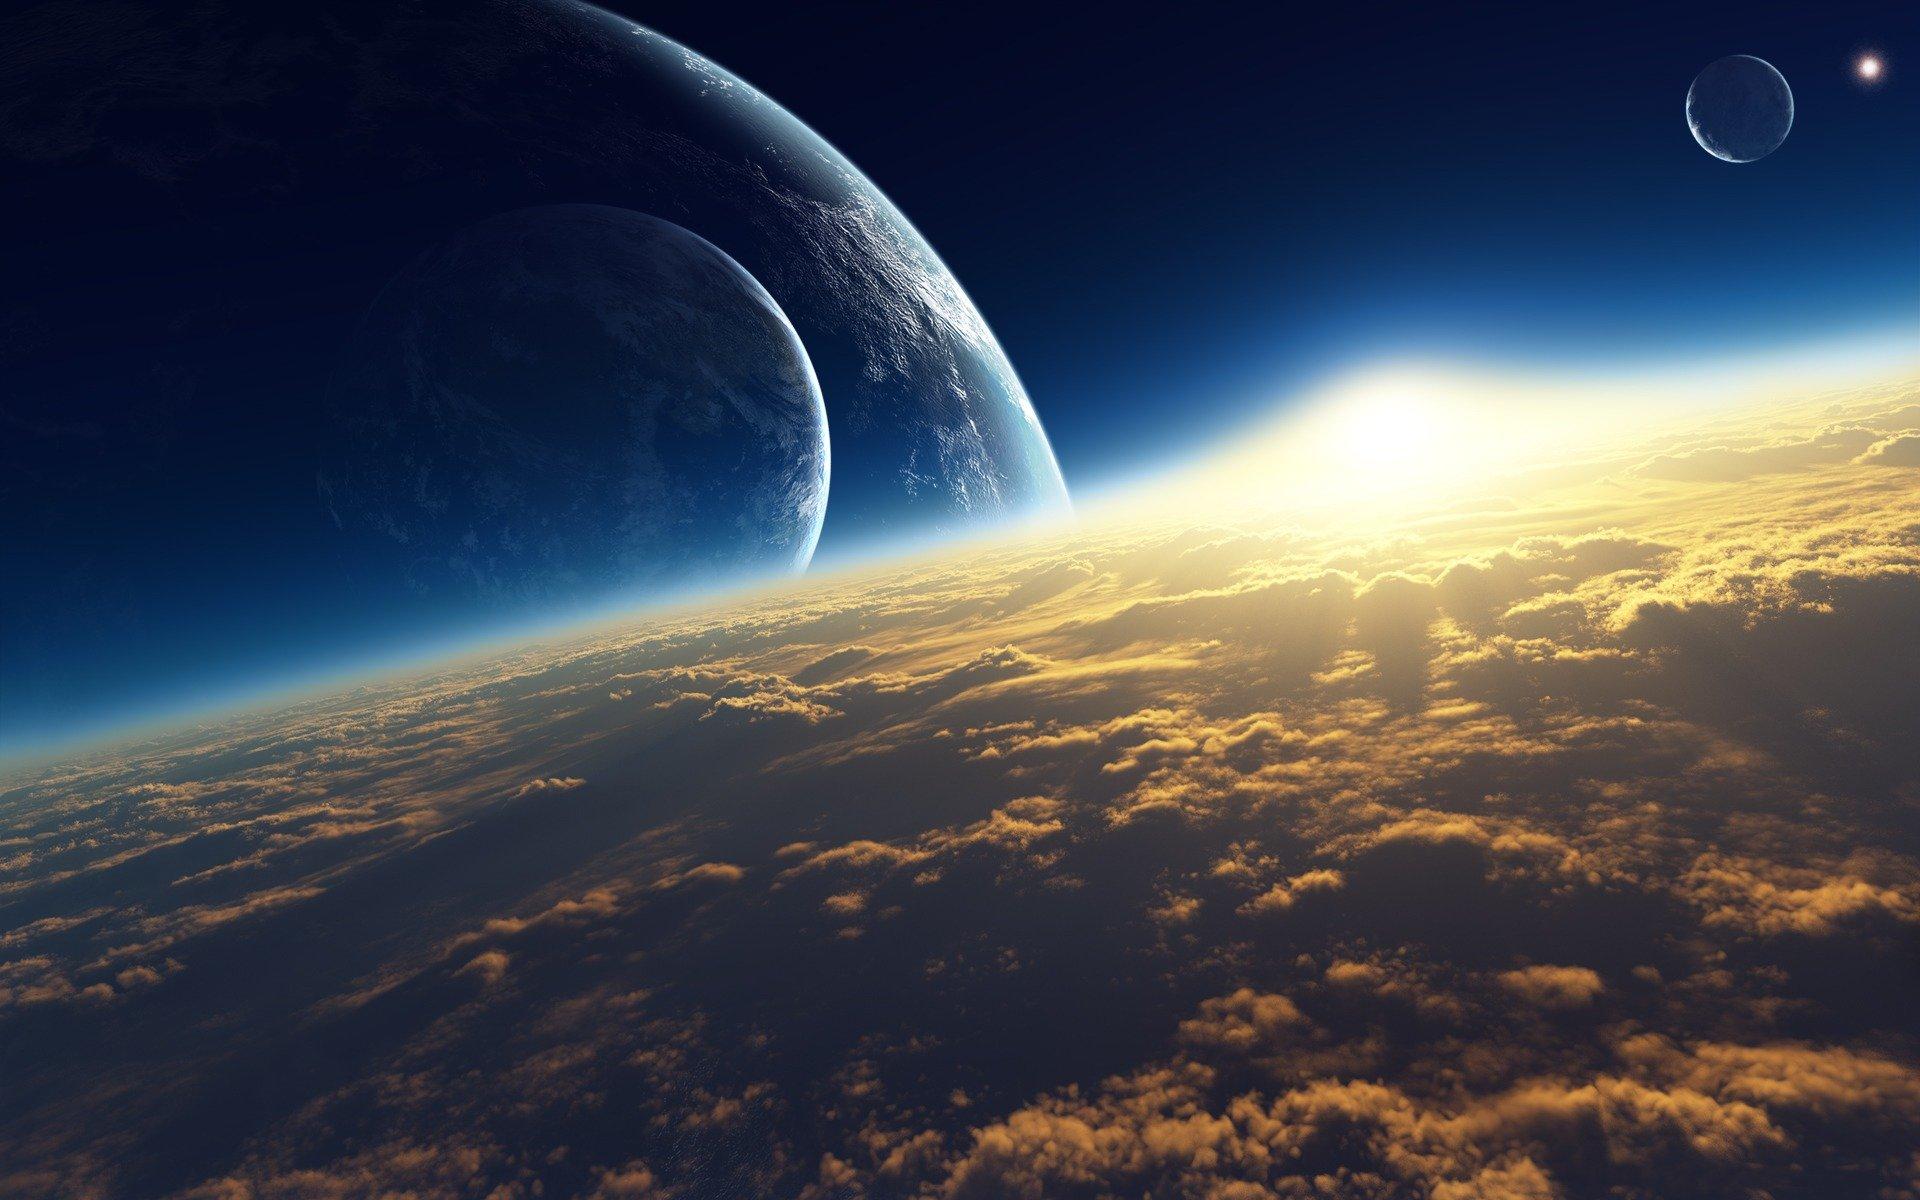 Обои Восход на орбите картинки на рабочий стол на тему Космос - скачать без смс